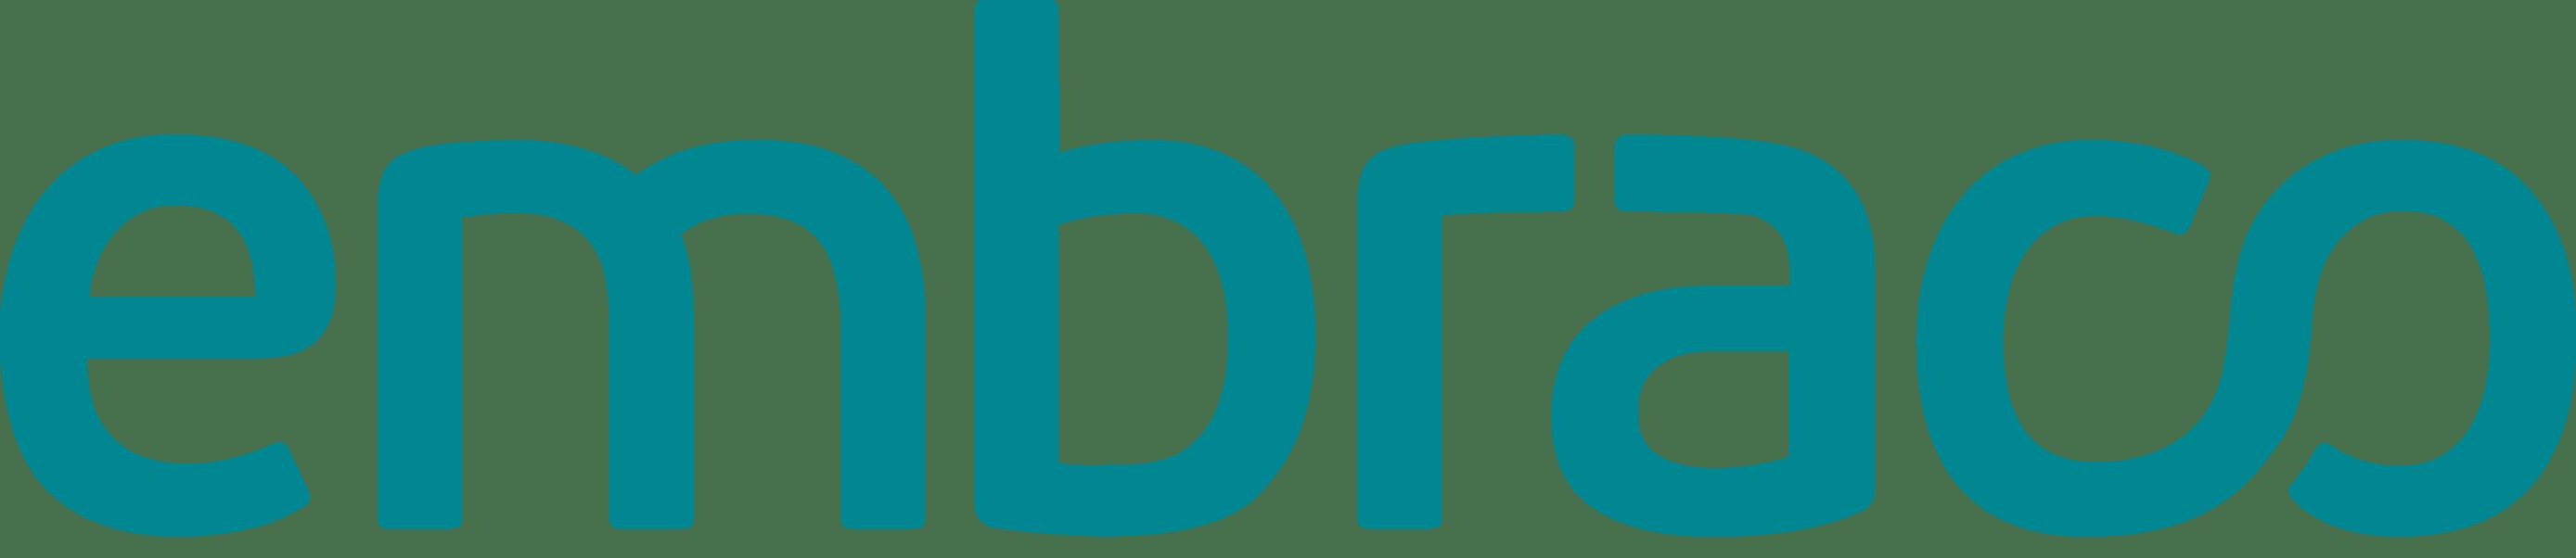 bohn embraco logo about